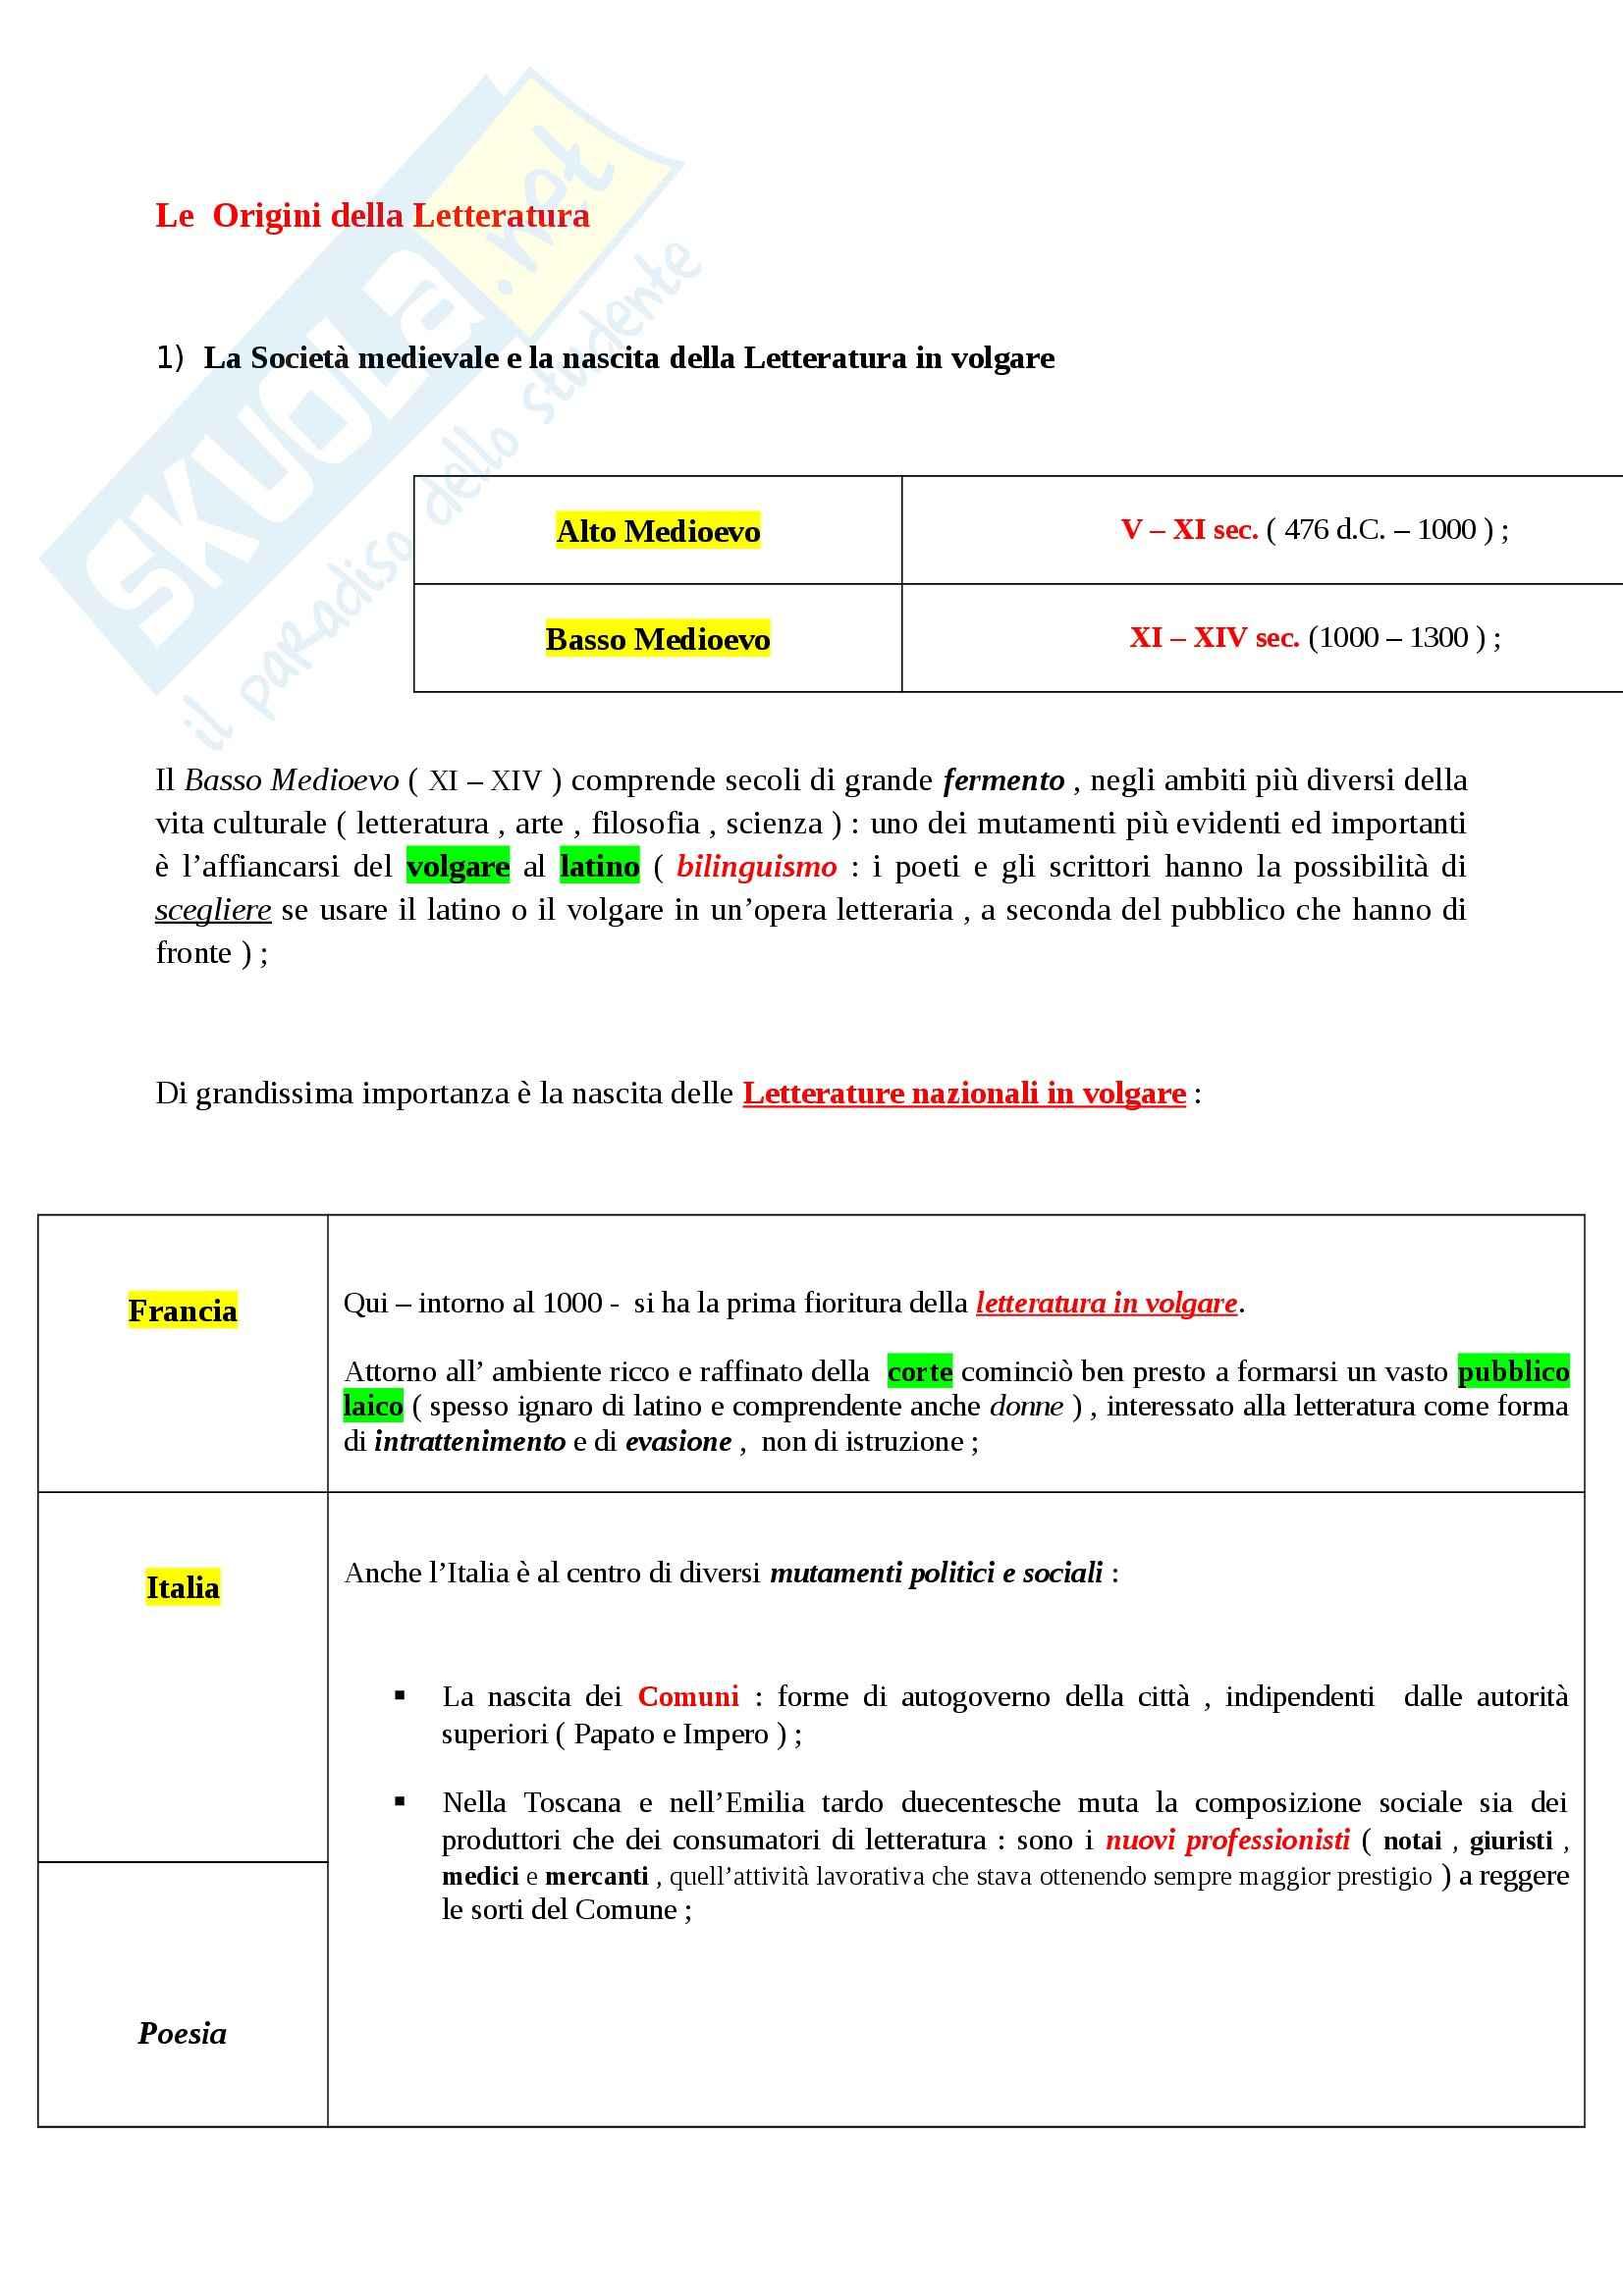 Riassunto esame Letteratura Italiana: La Letteratura Italiana, dalle Origini al Secondo Ottocento, prof. Paolino